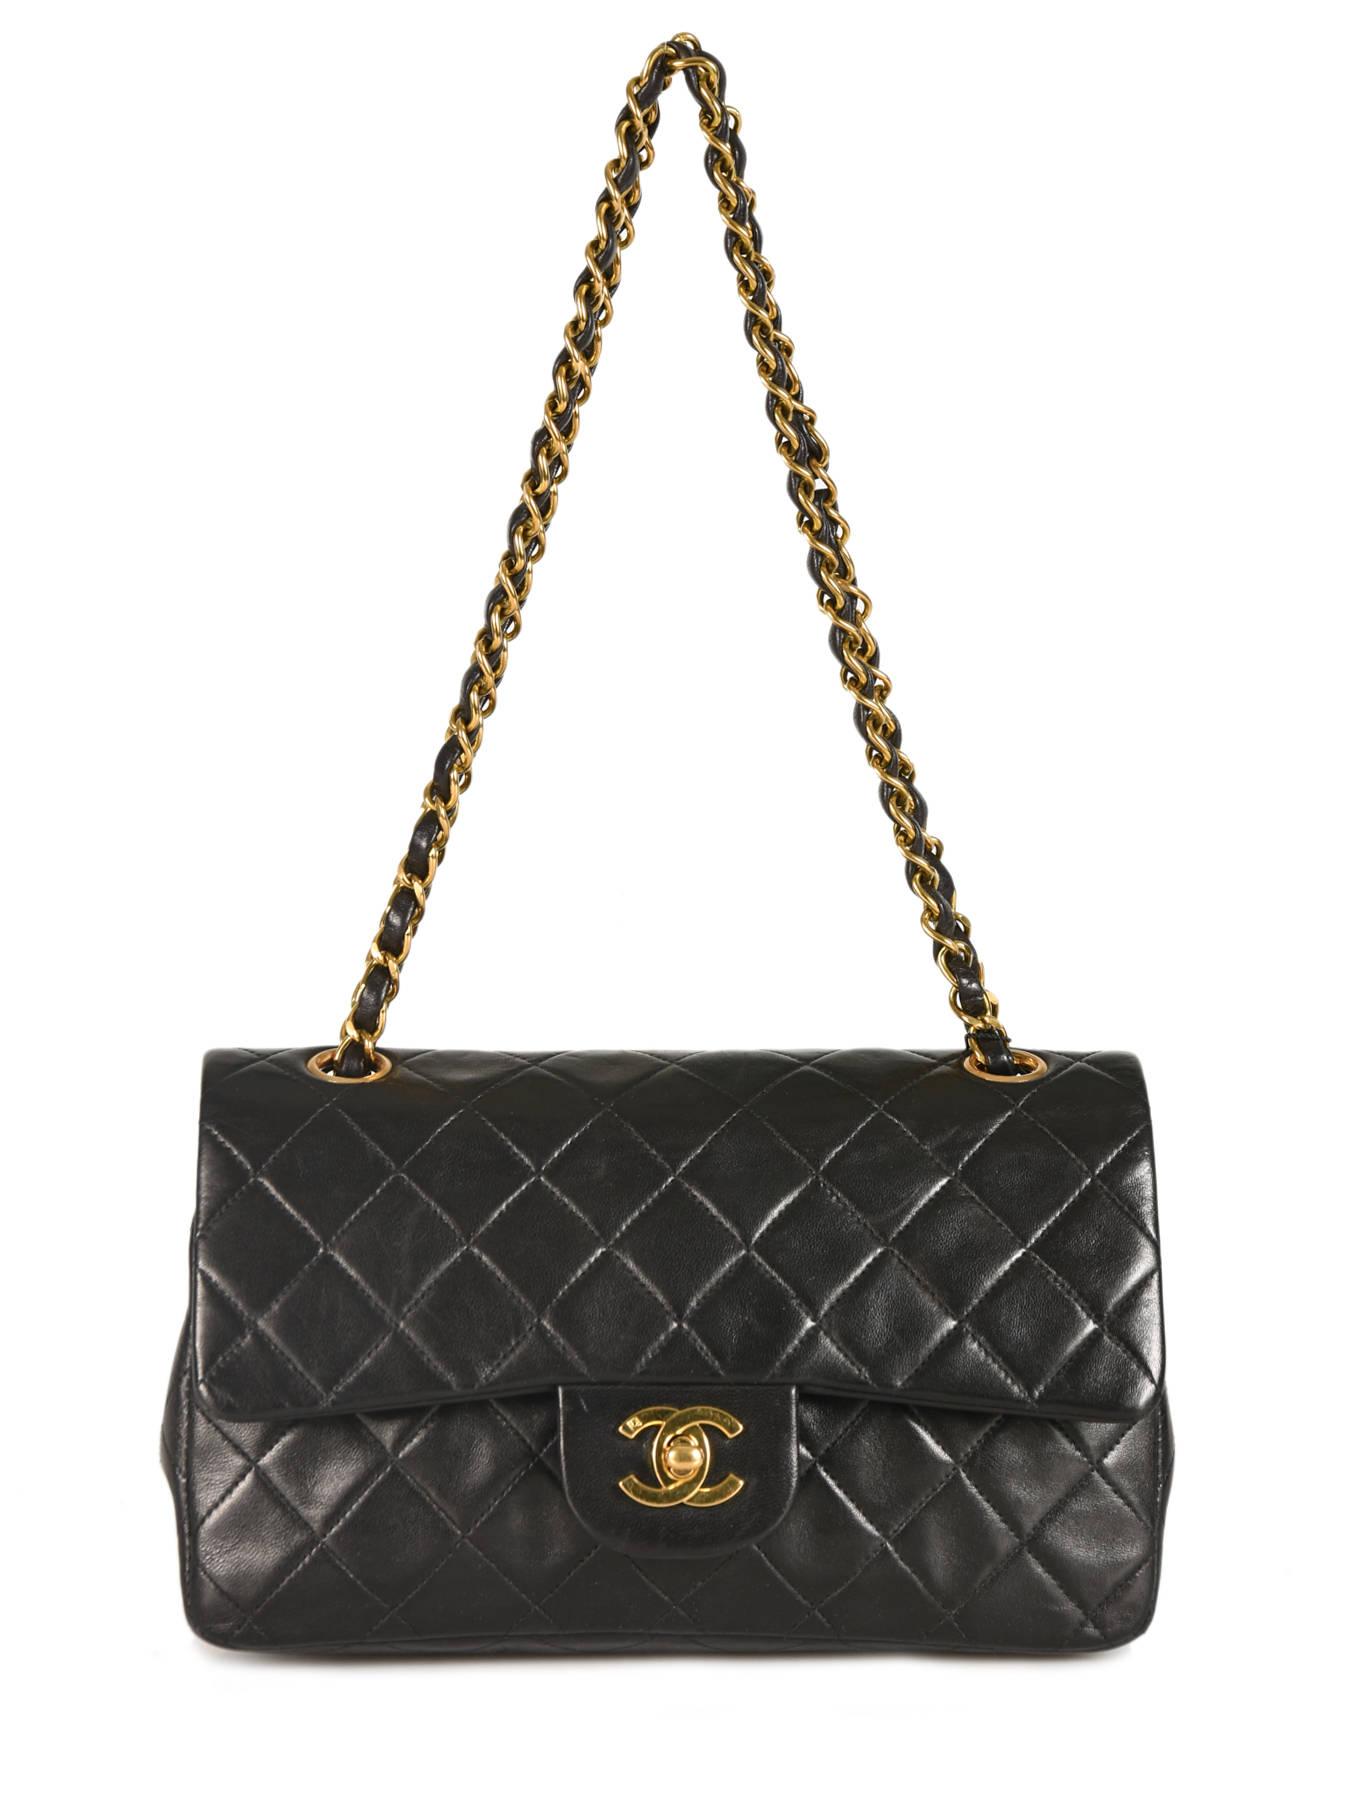 ... Sac Porté épaule D occasion Chanel Classic Double Flap 23 Chanel Cuir  ... b9c69024746